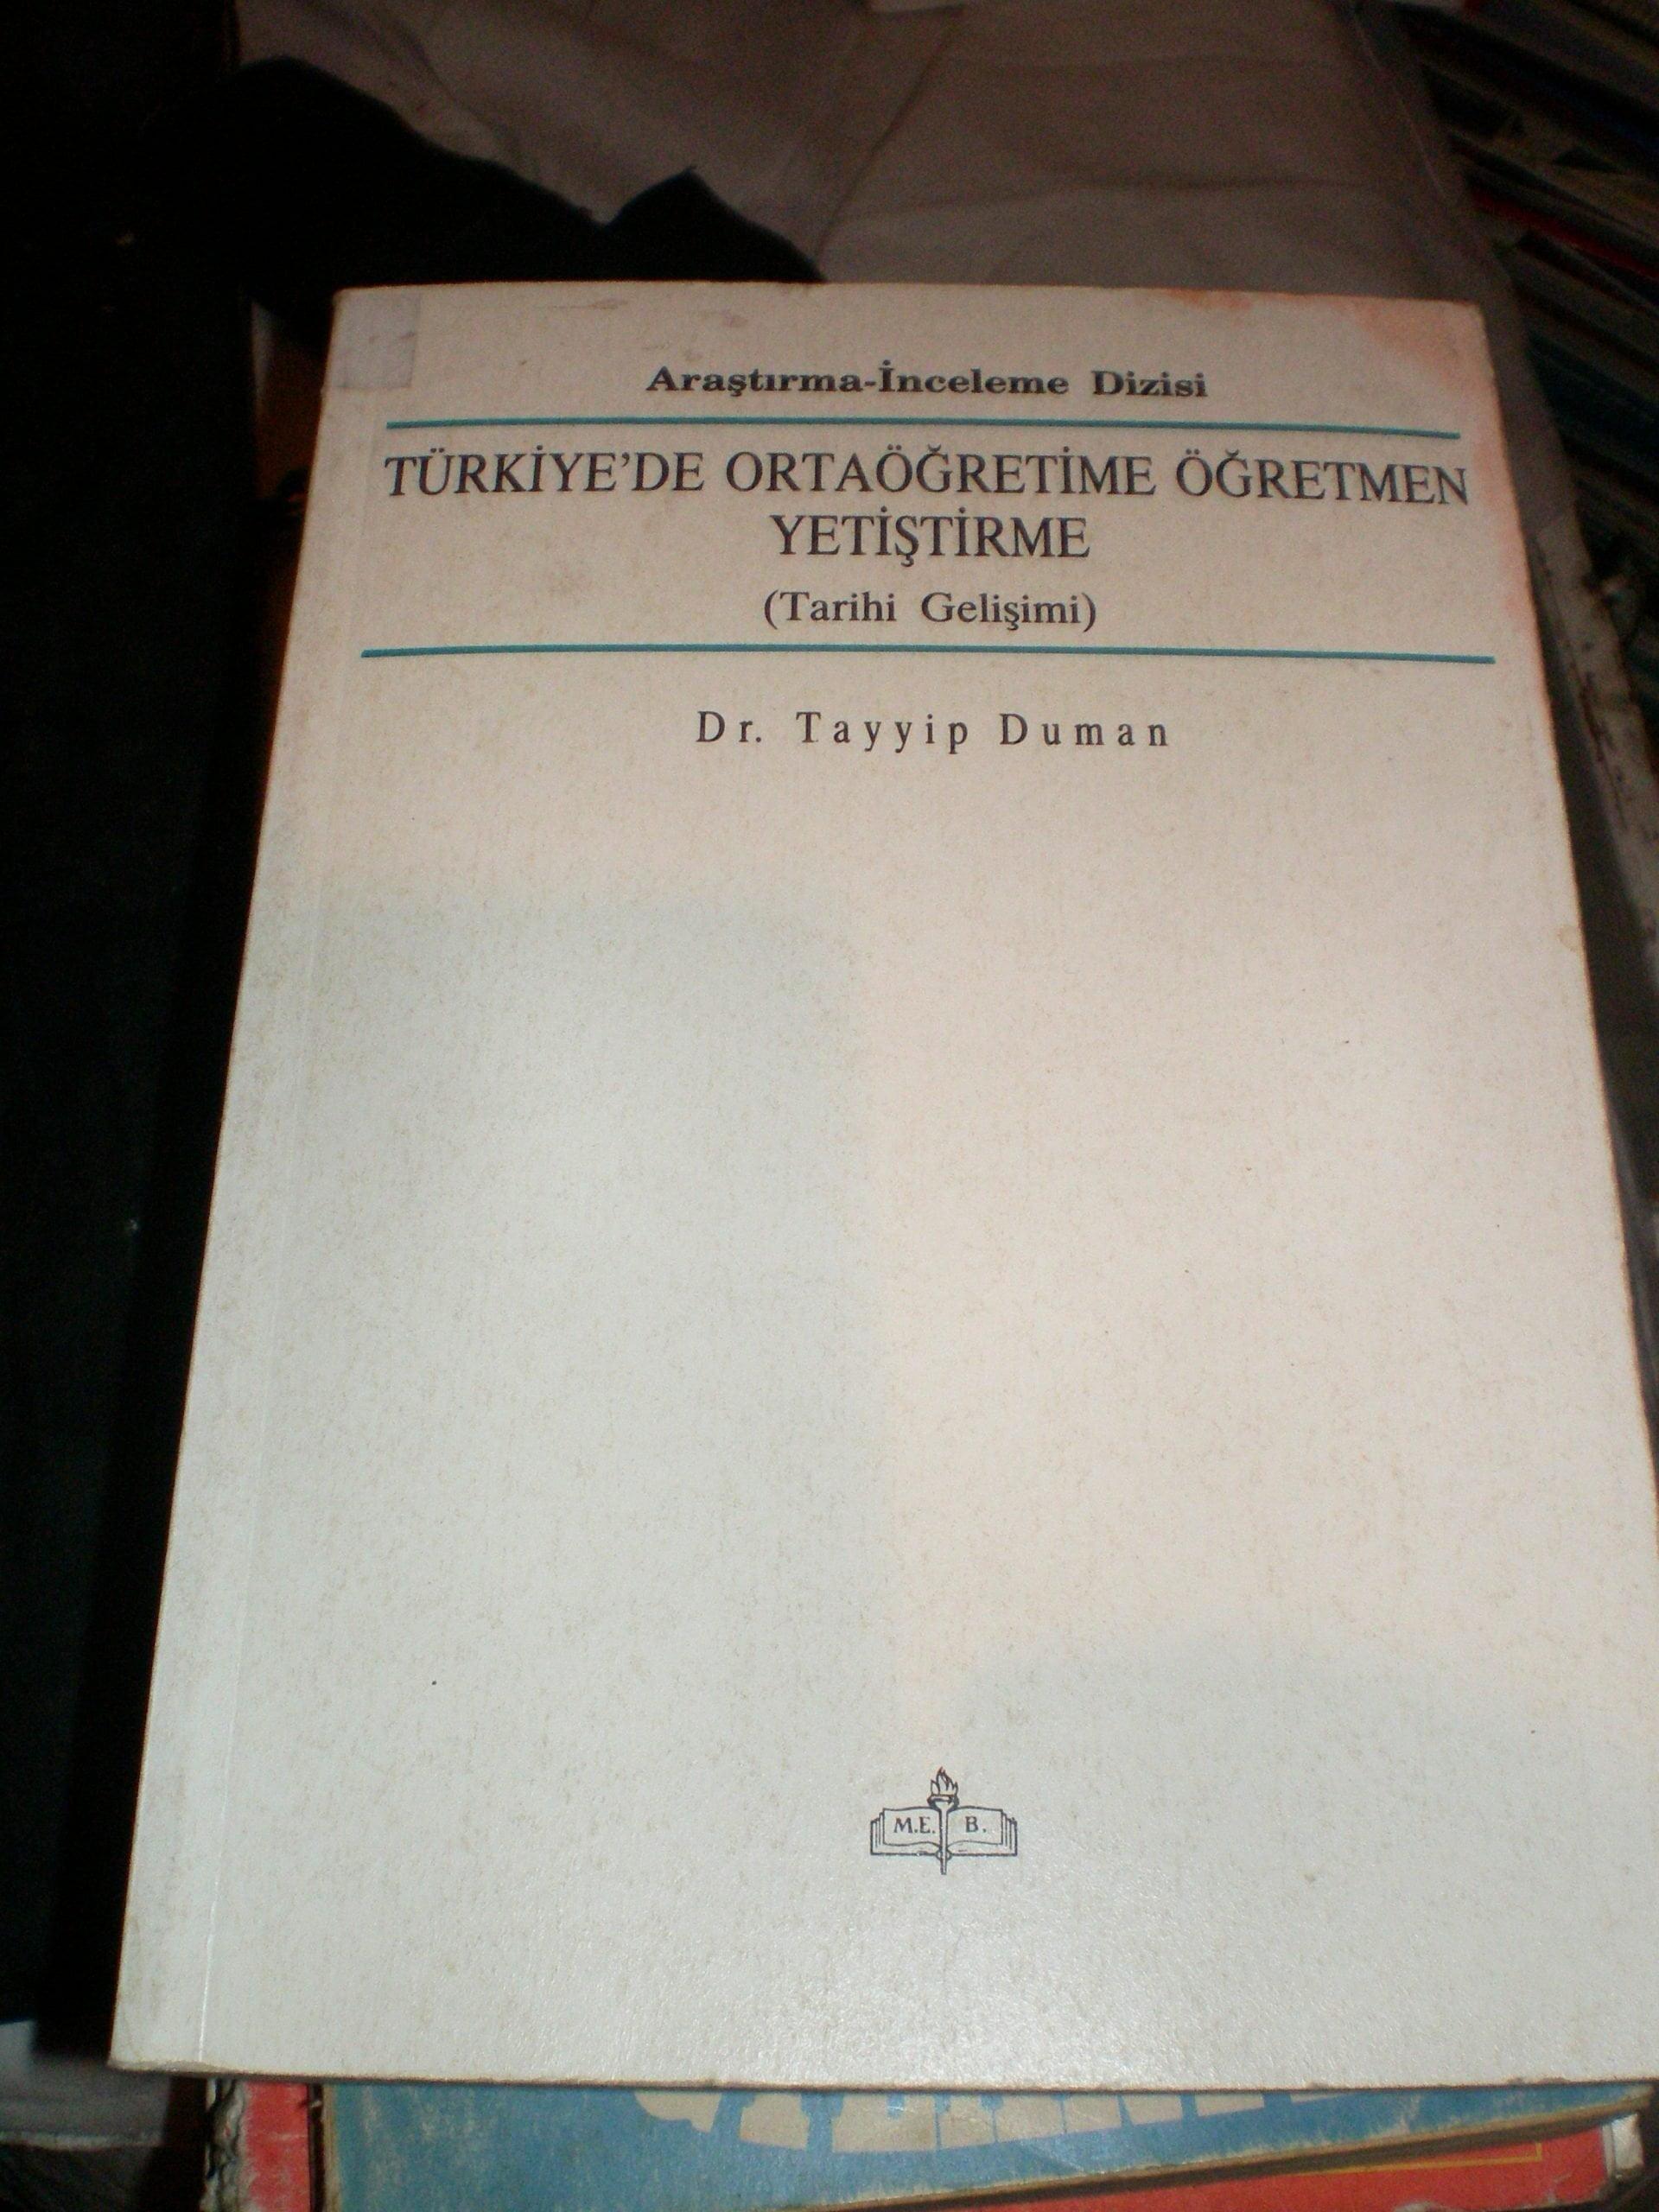 TÜRKİYE'DE ORTA ÖĞRETİME ÖĞRETMEN YETİŞTİRME(Tarihi Gelişimi)/Tayyip DUMAN/50 TL